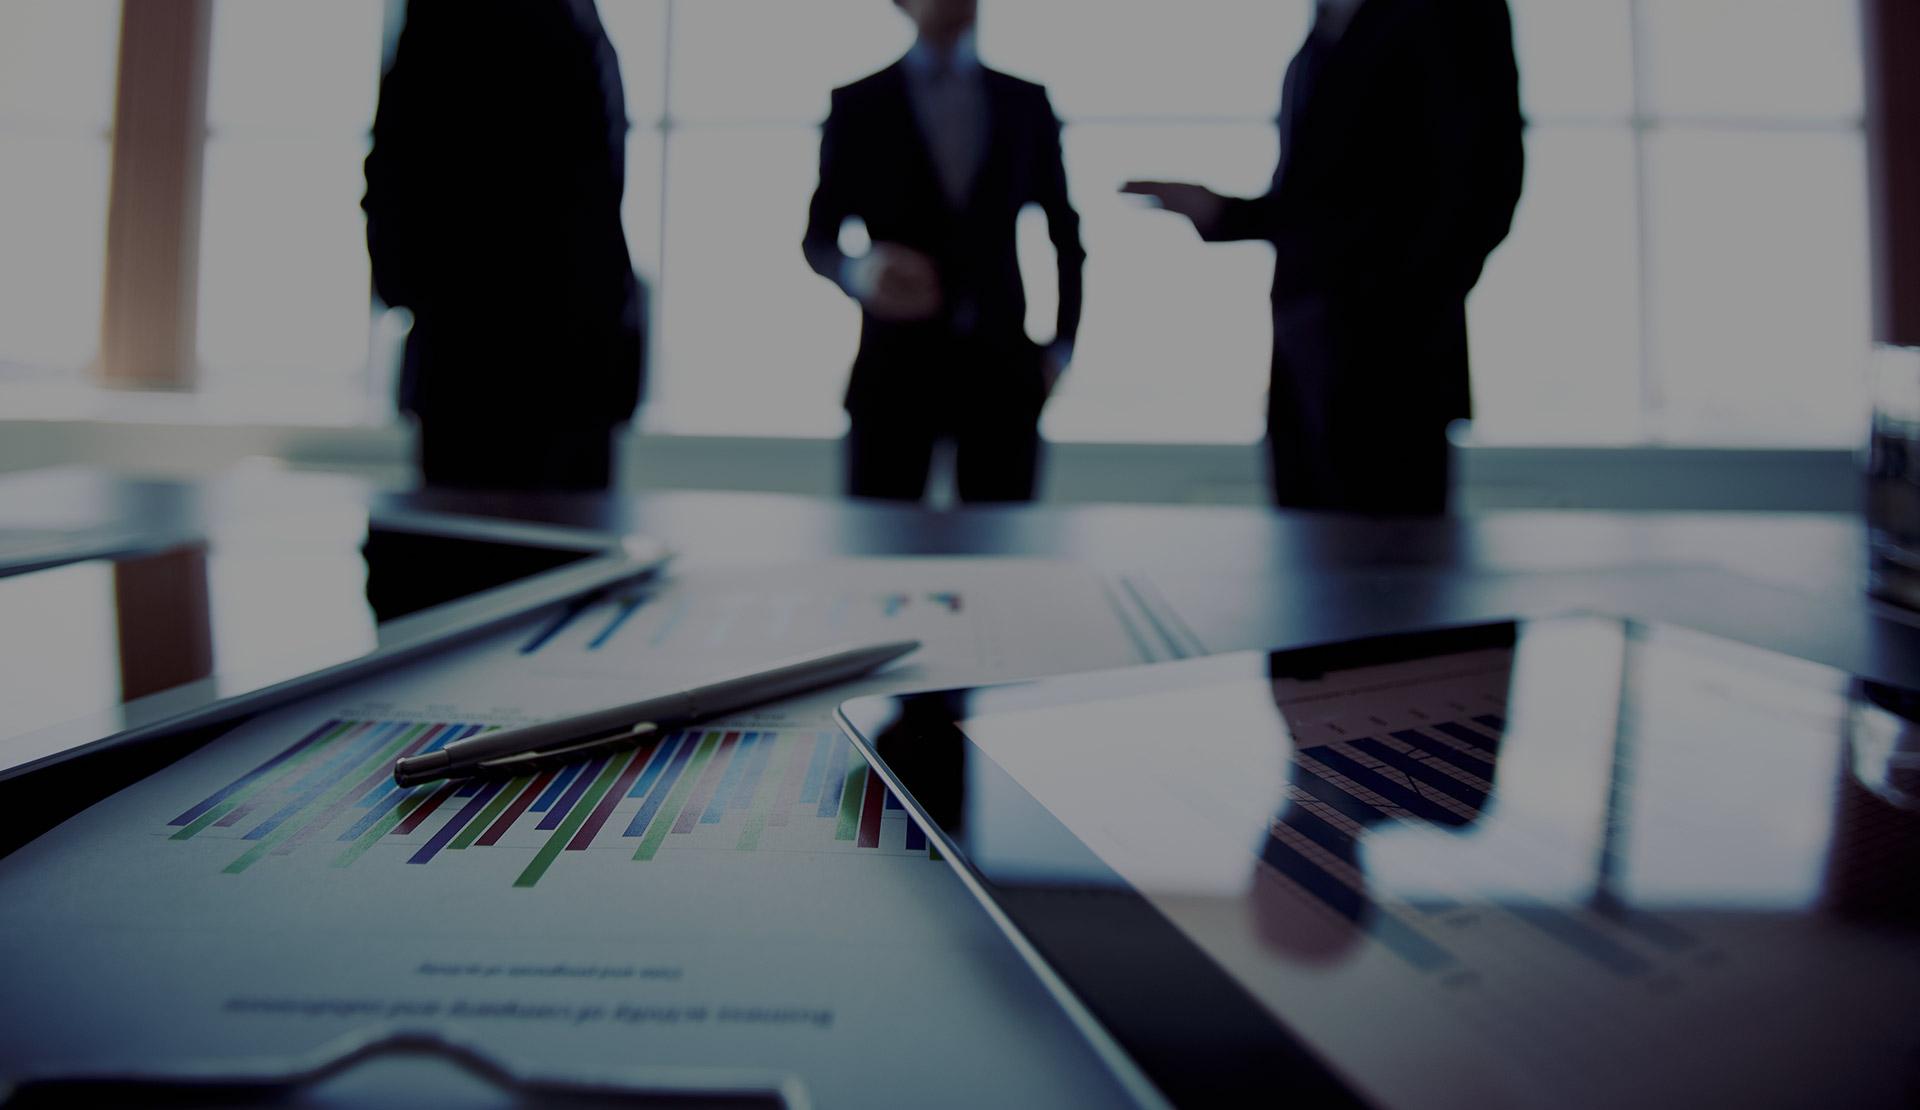 Nova Risk Yönetimi İş Sağlığı ve Güvenliği Hakkında